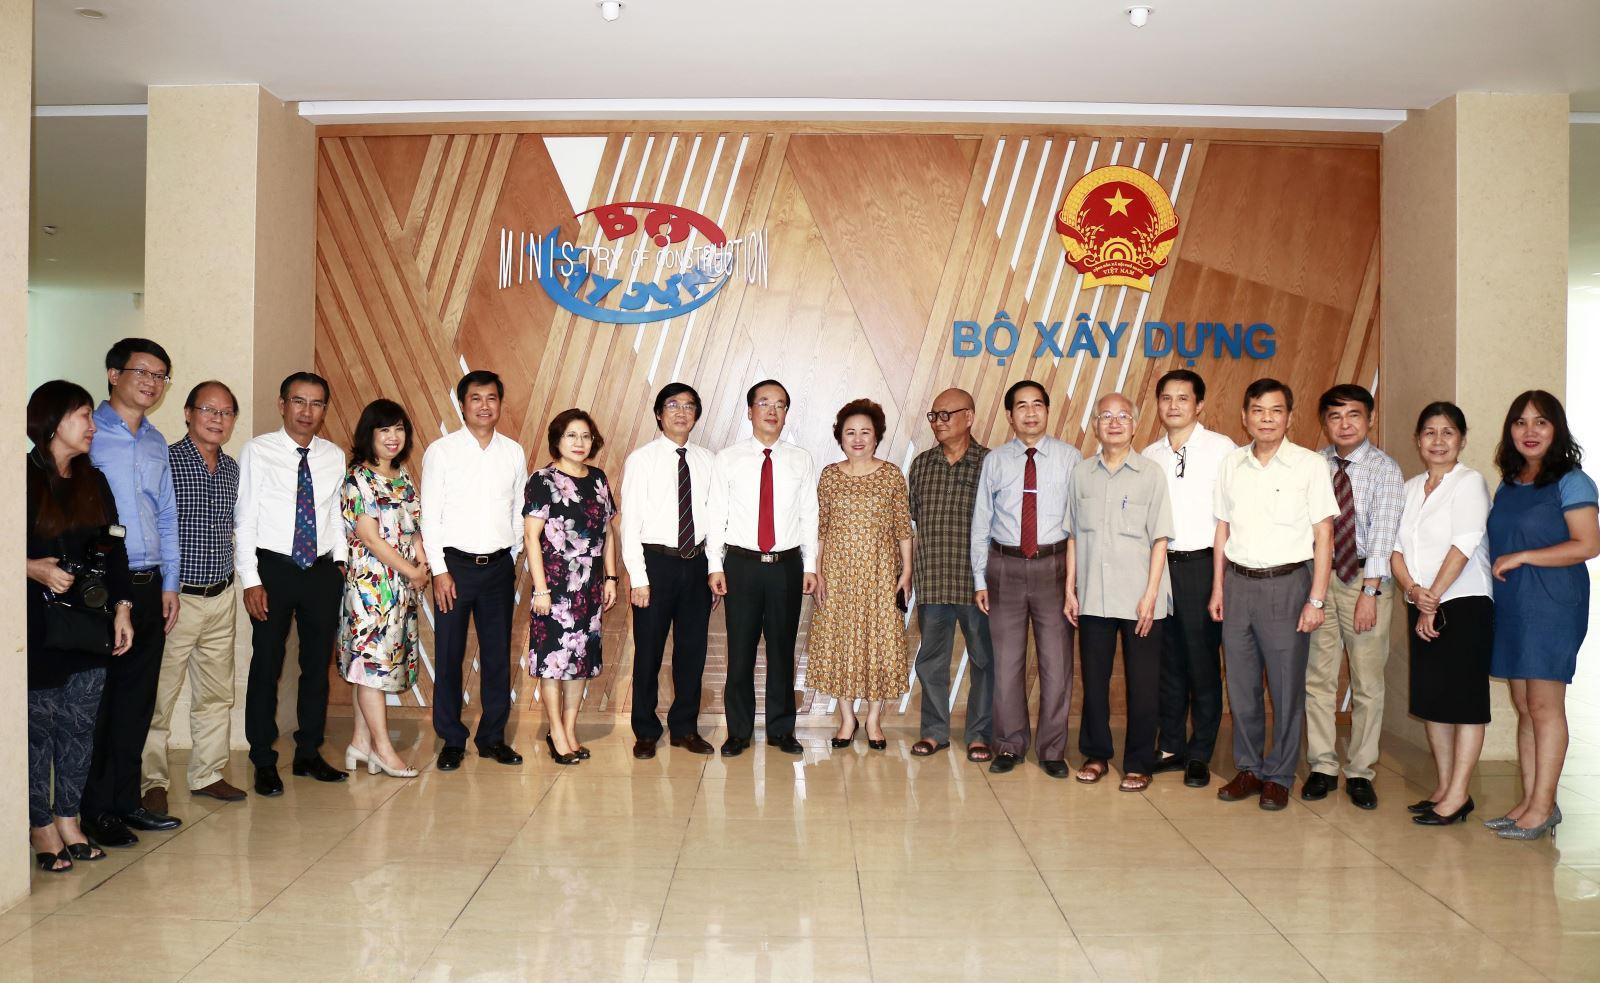 Bộ trưởng Phạm Hồng Hà, Thứ trưởng Nguyễn Tường Văn chụp ảnh lưu niệm cùng lãnh đạo Hội Quy hoạch phát triển đô thị Việt Nam